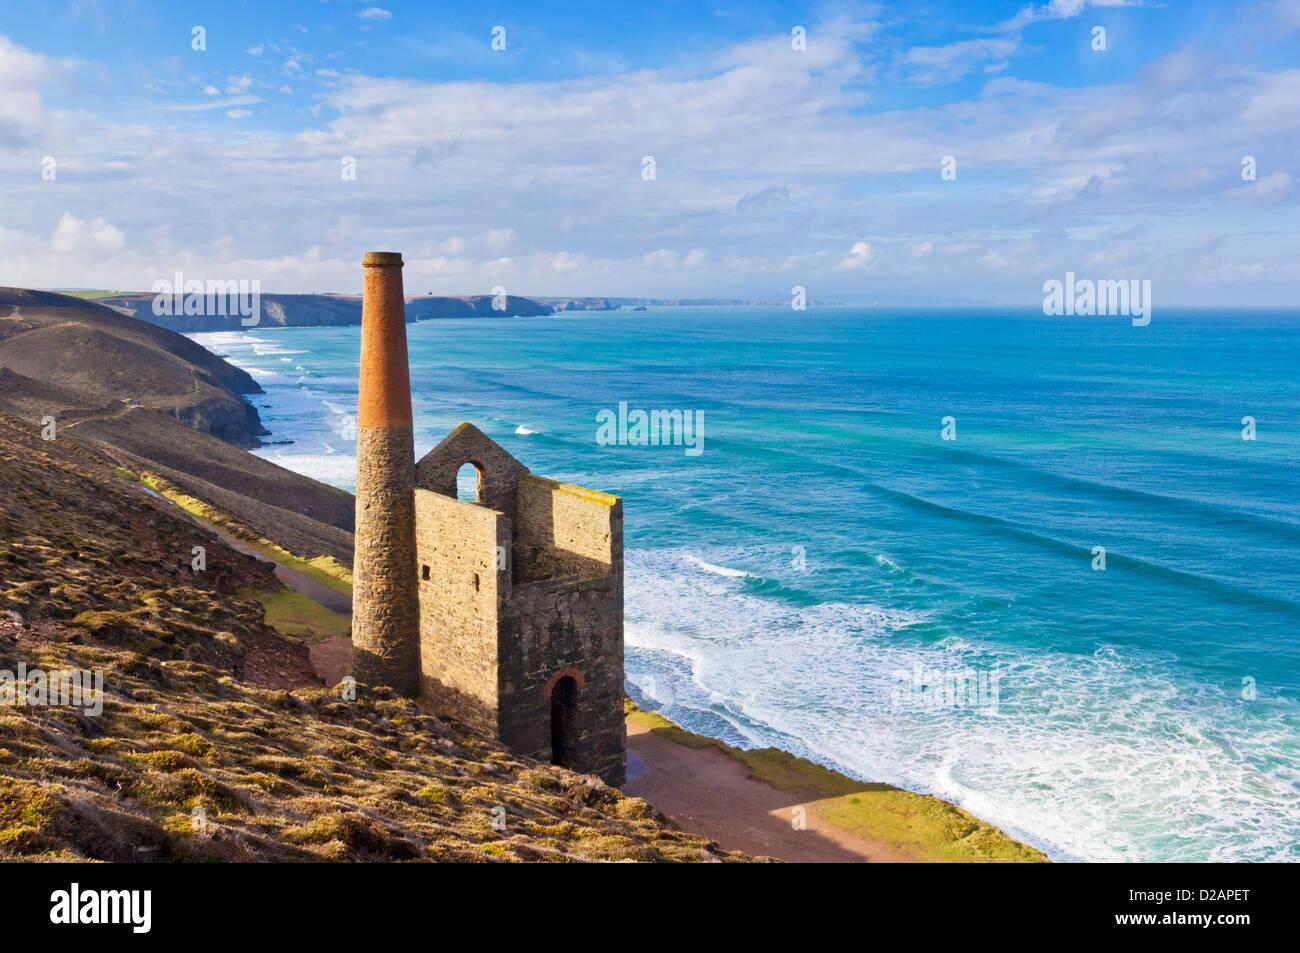 Wheal Coates tin mine near St Agnes North Cornwall coast England GB UK EU Europe - Stock Image